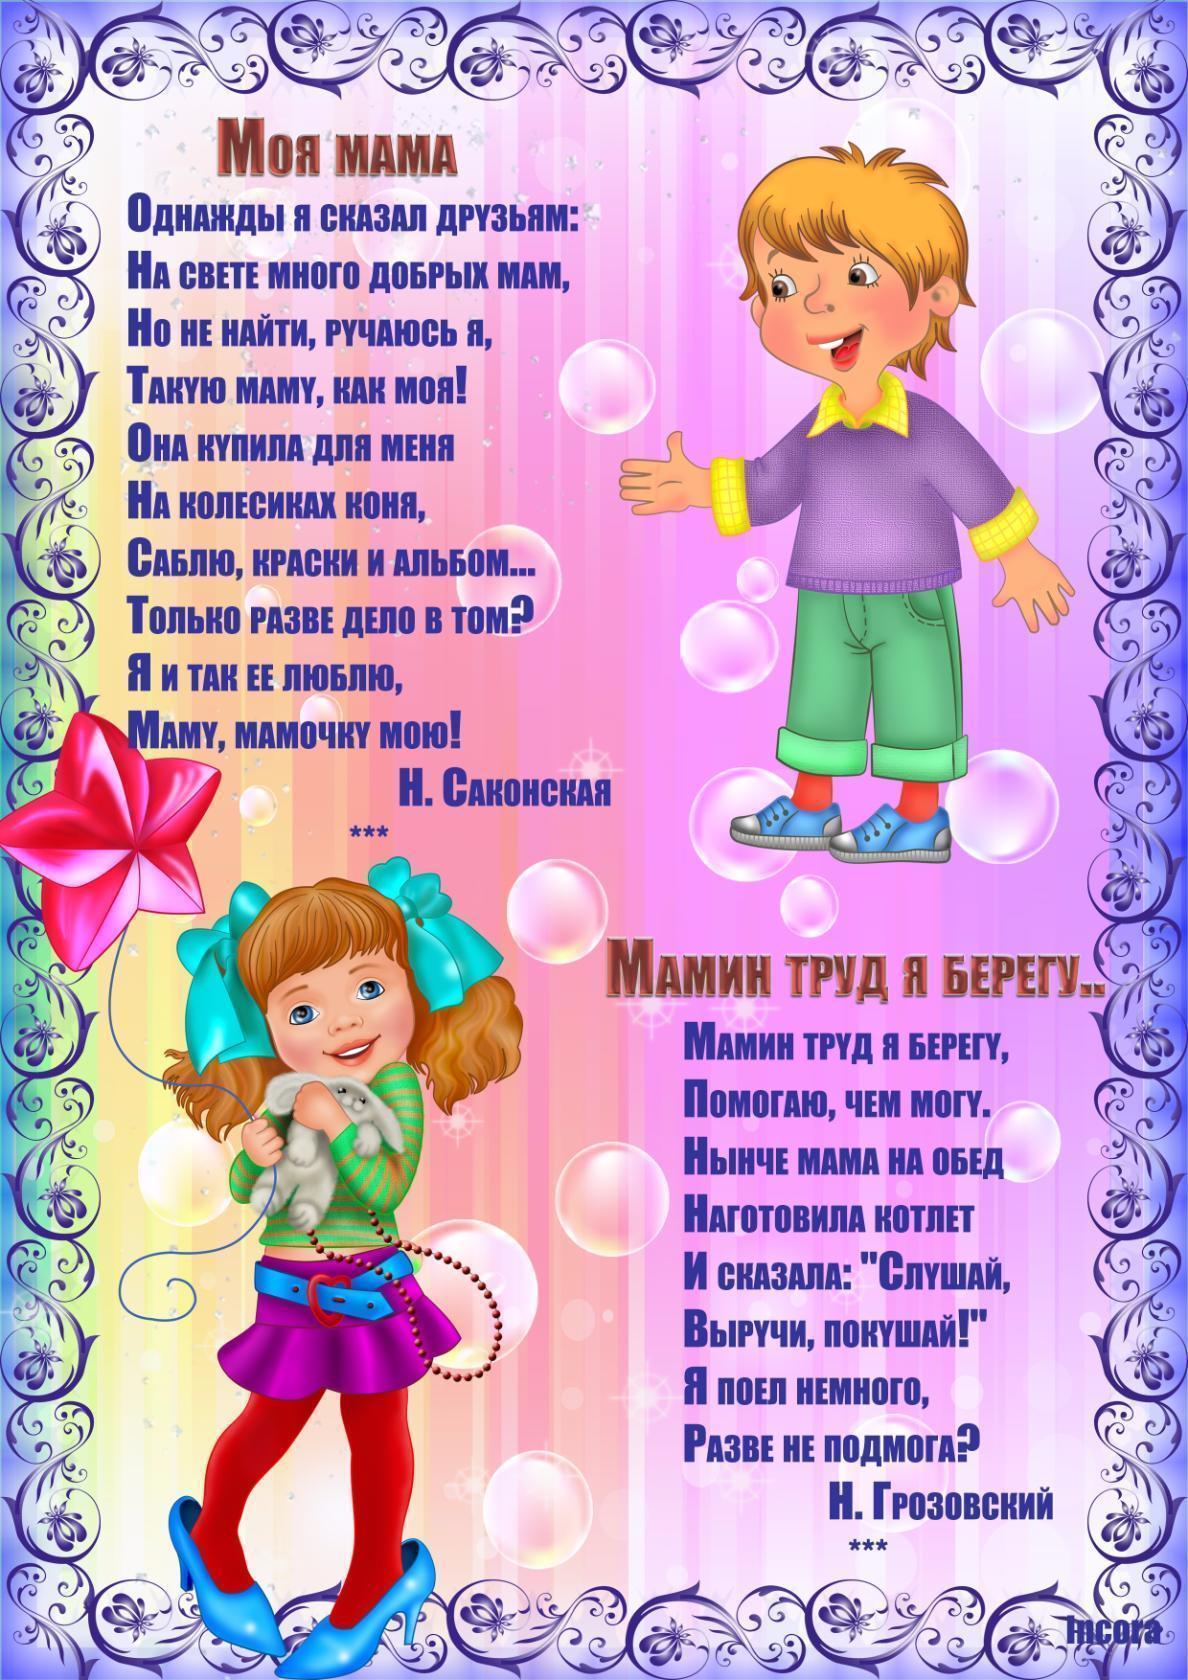 Стихи про маму для ребенка 5 лет, открытка для друга